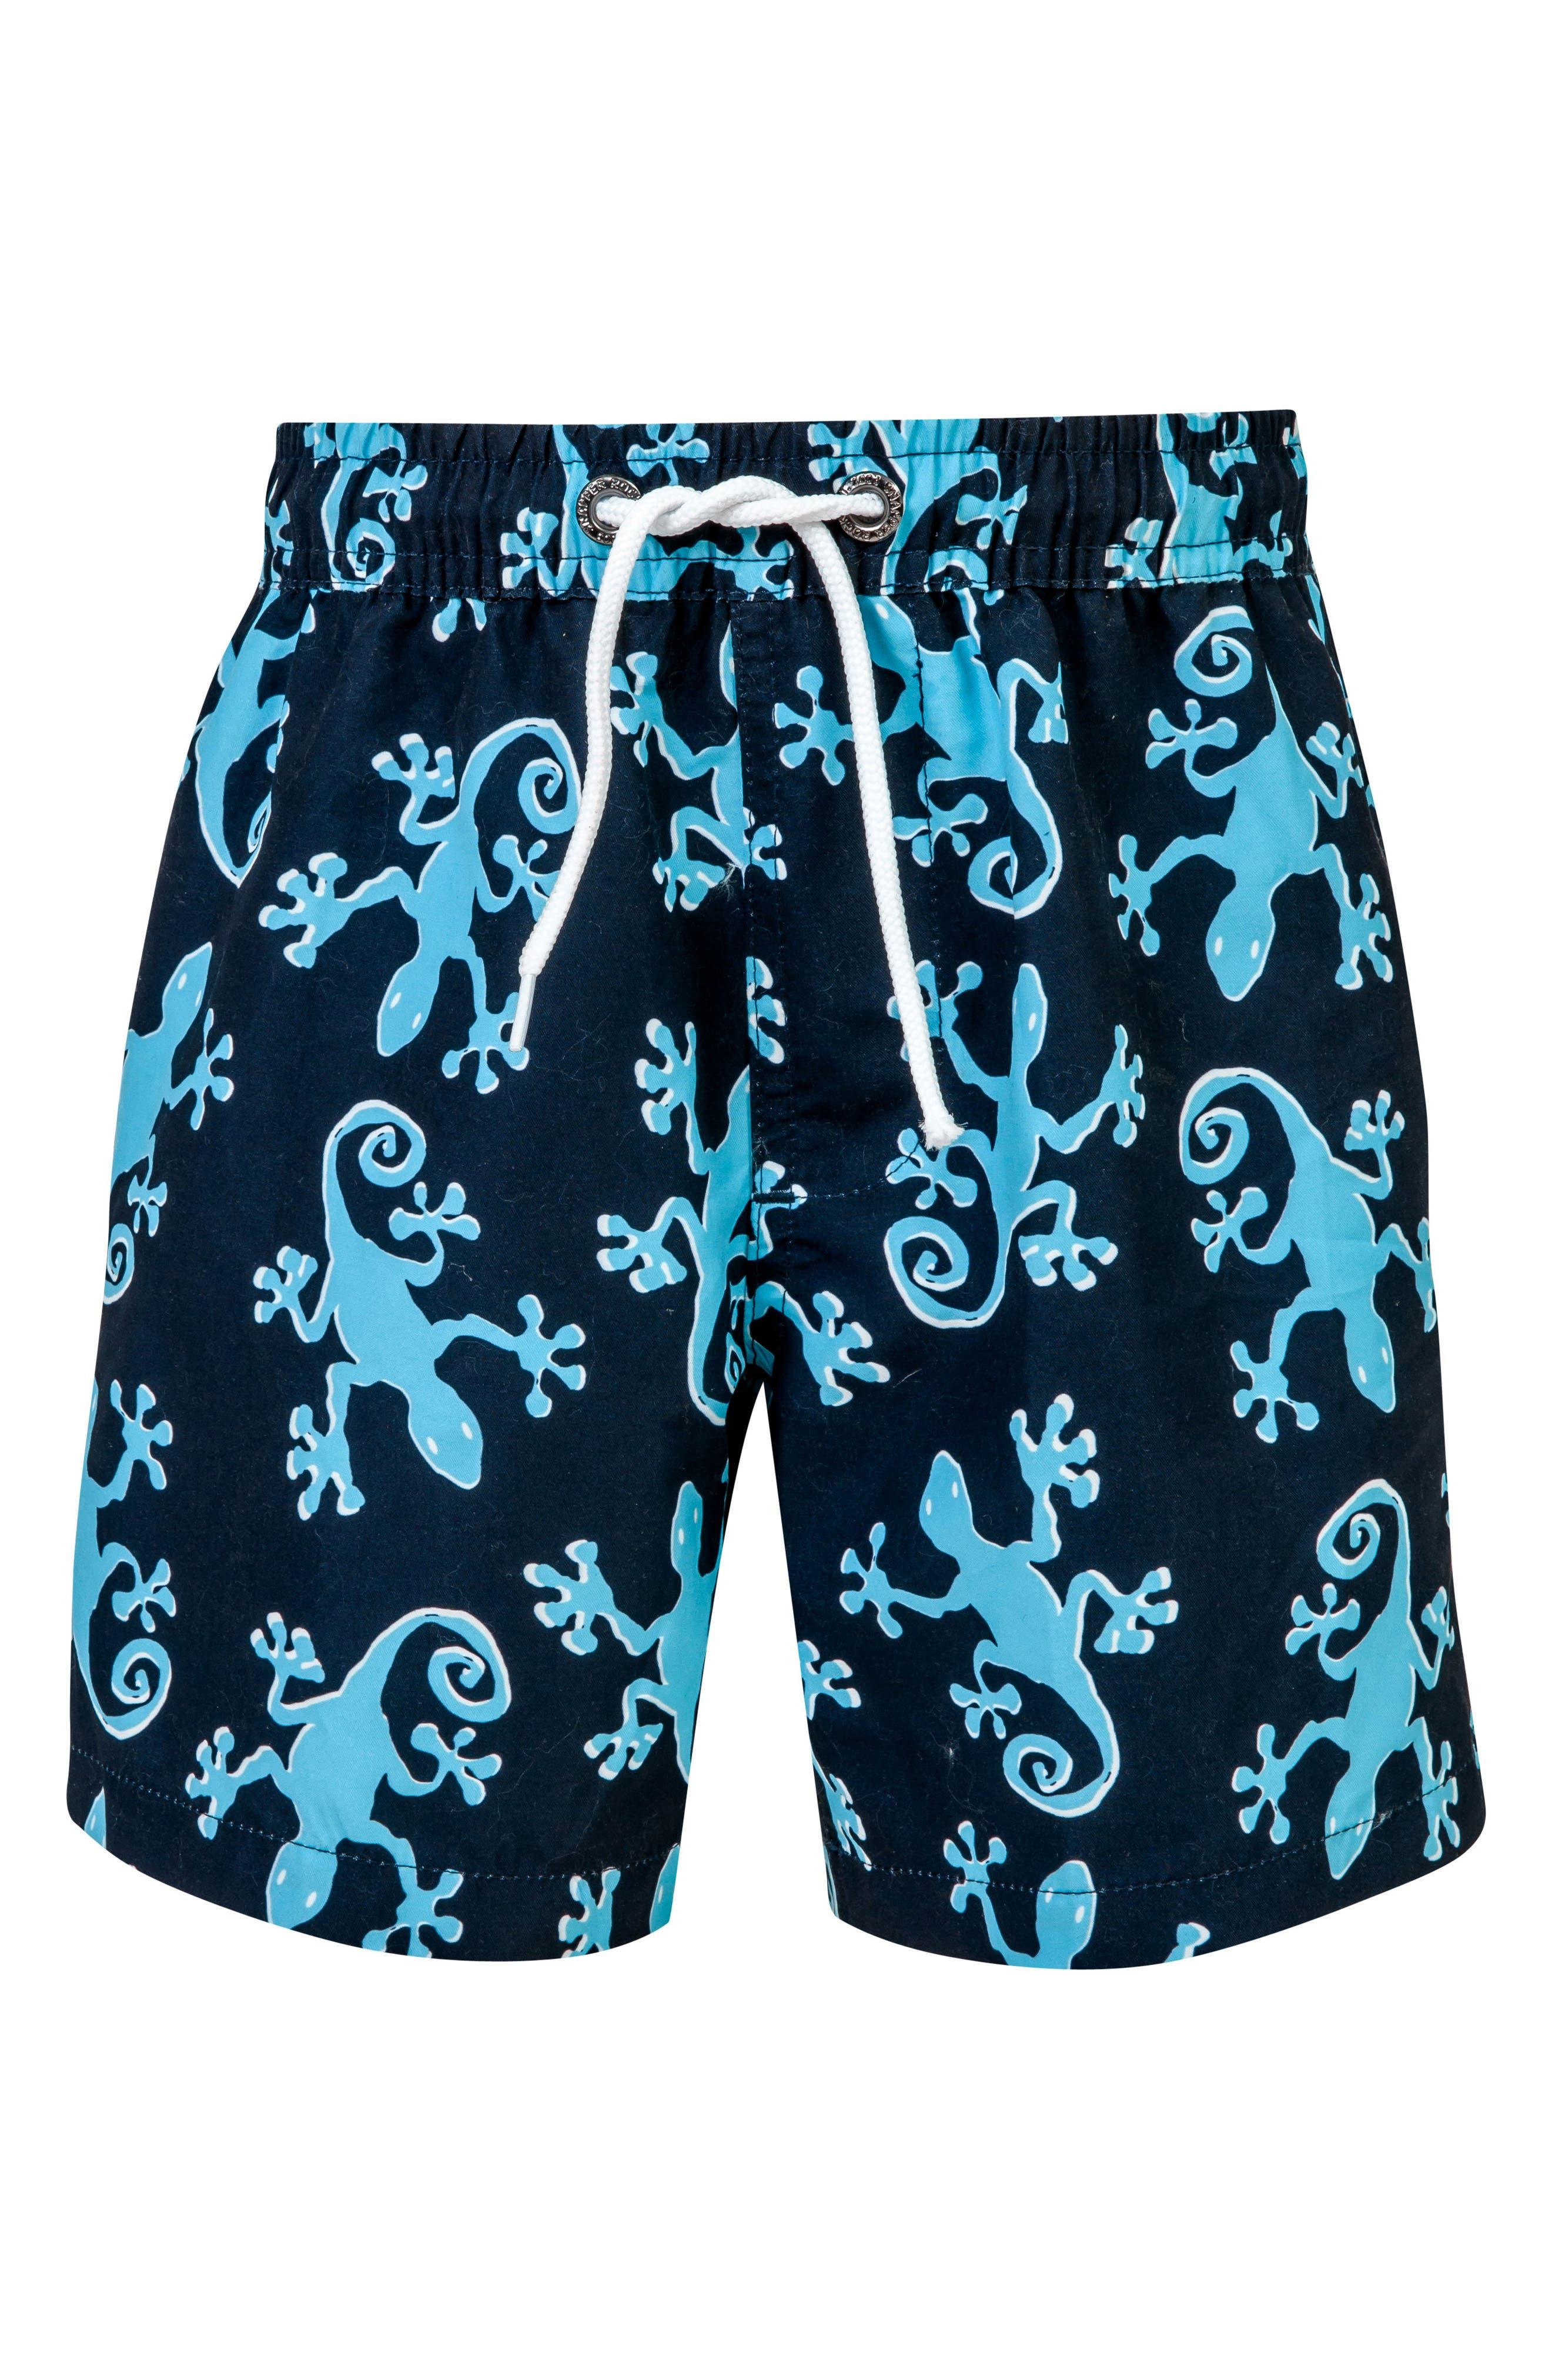 Gecko Board Shorts,                         Main,                         color, Navy/ Aqua